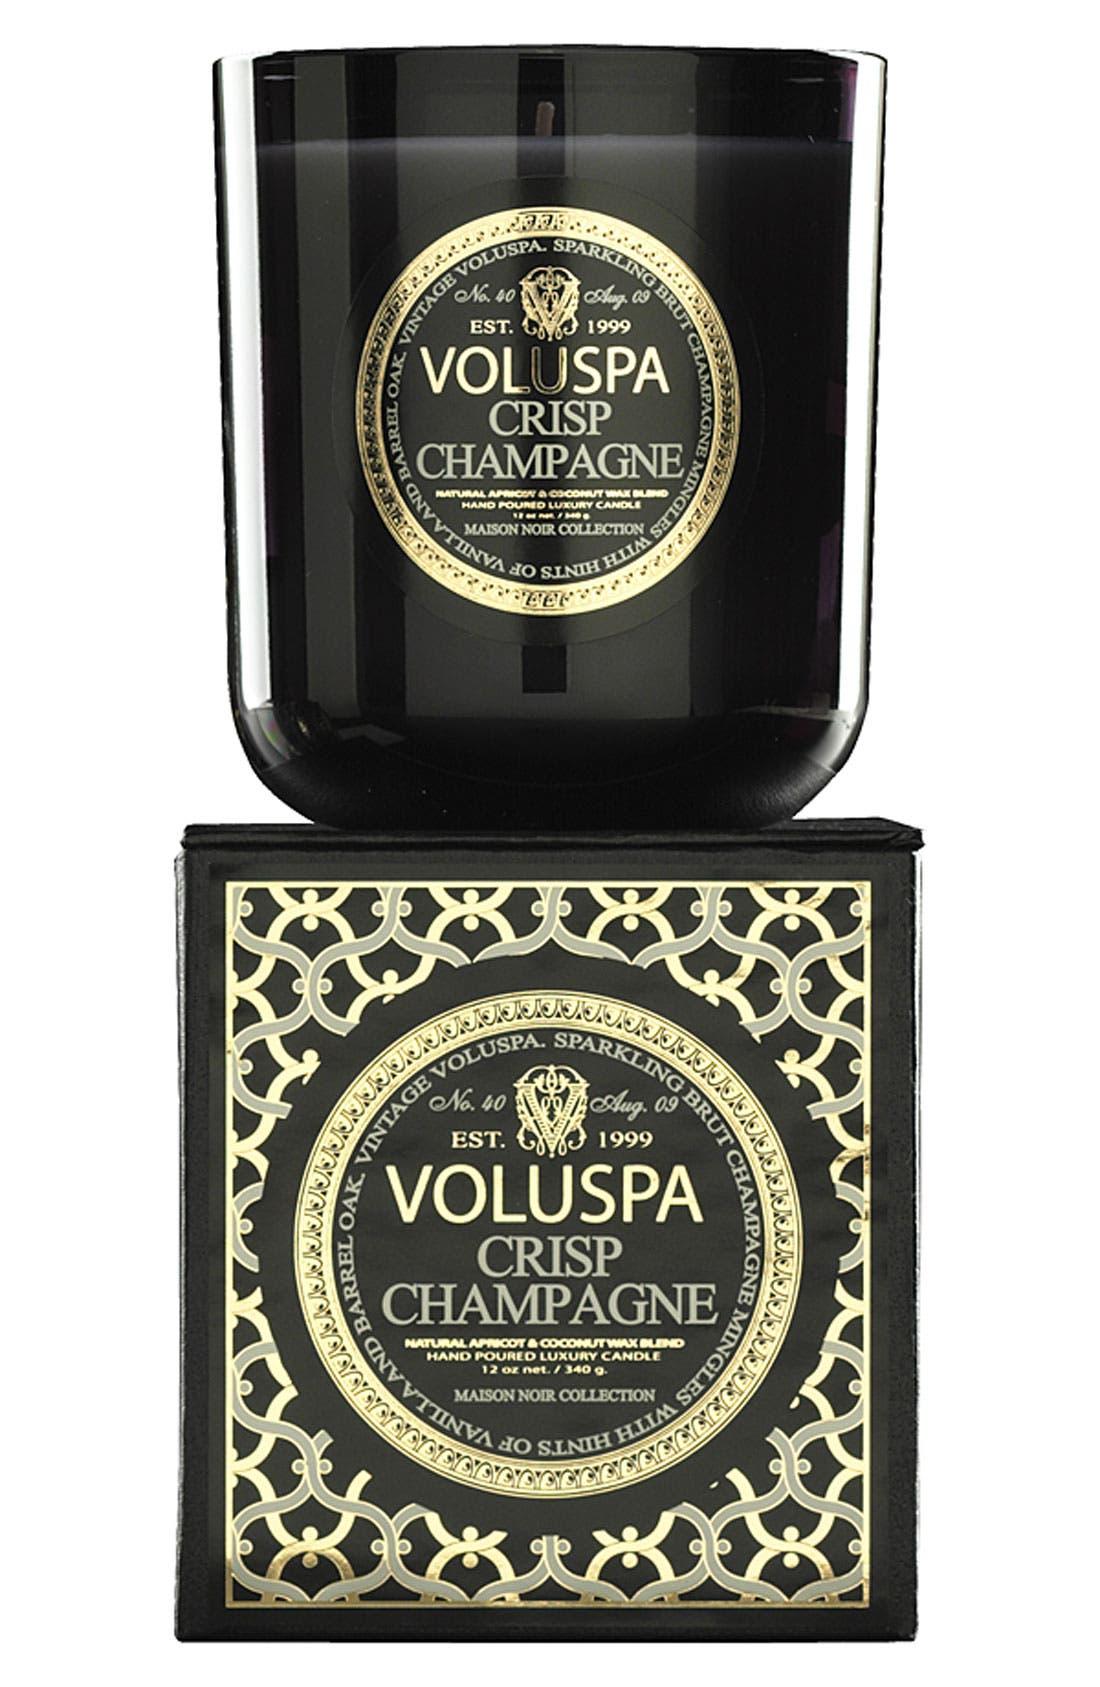 Voluspa Maison Noir - Crisp Champagne Scented Candle